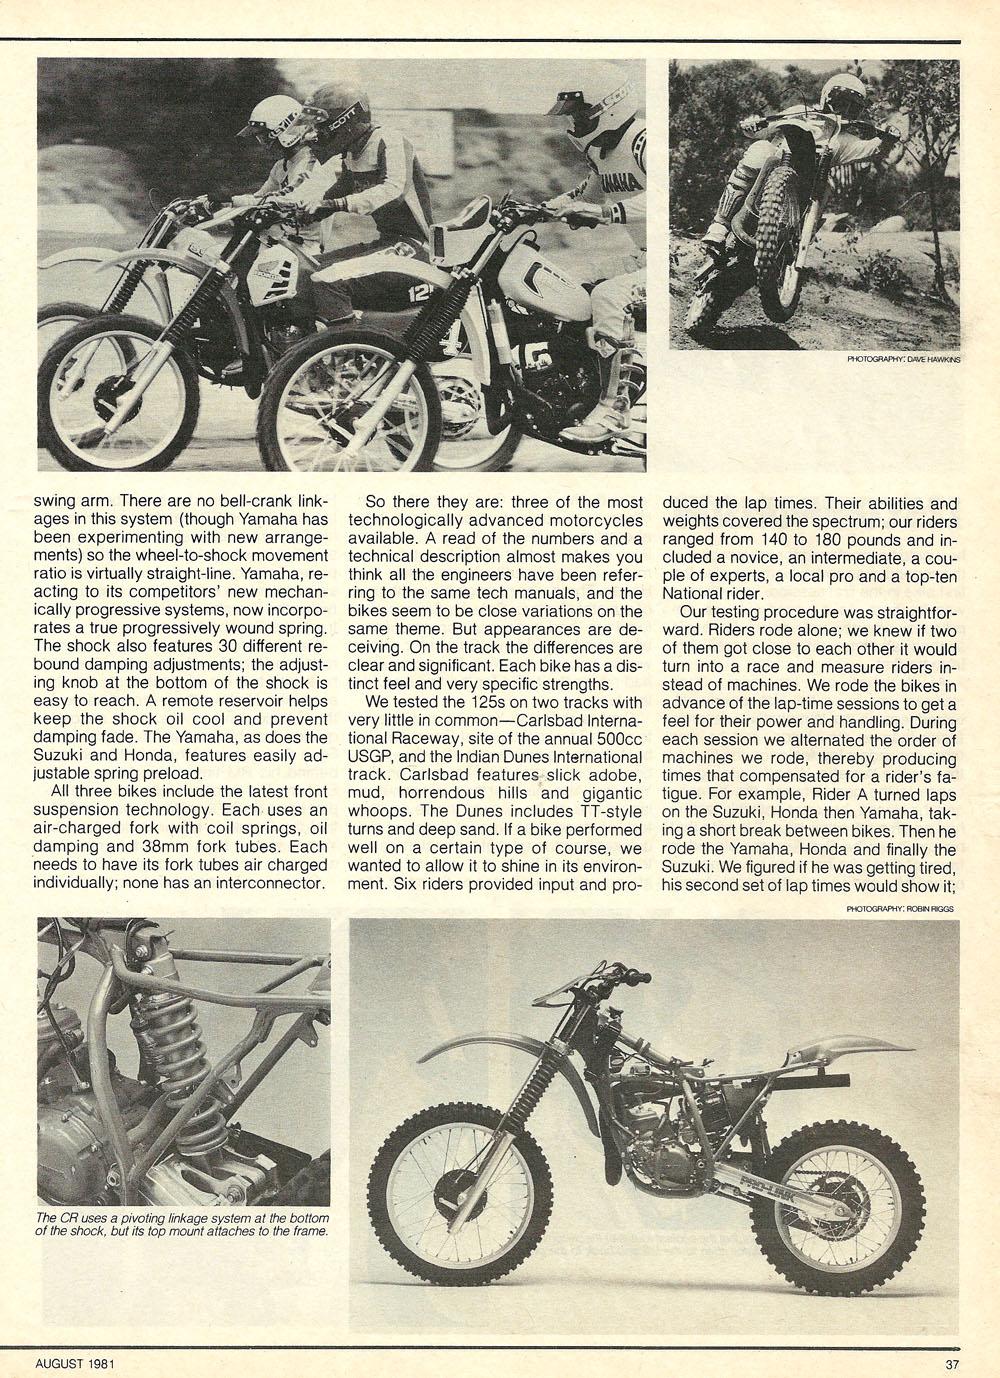 1981 CR125 RM125 YZ125 test 05.jpg